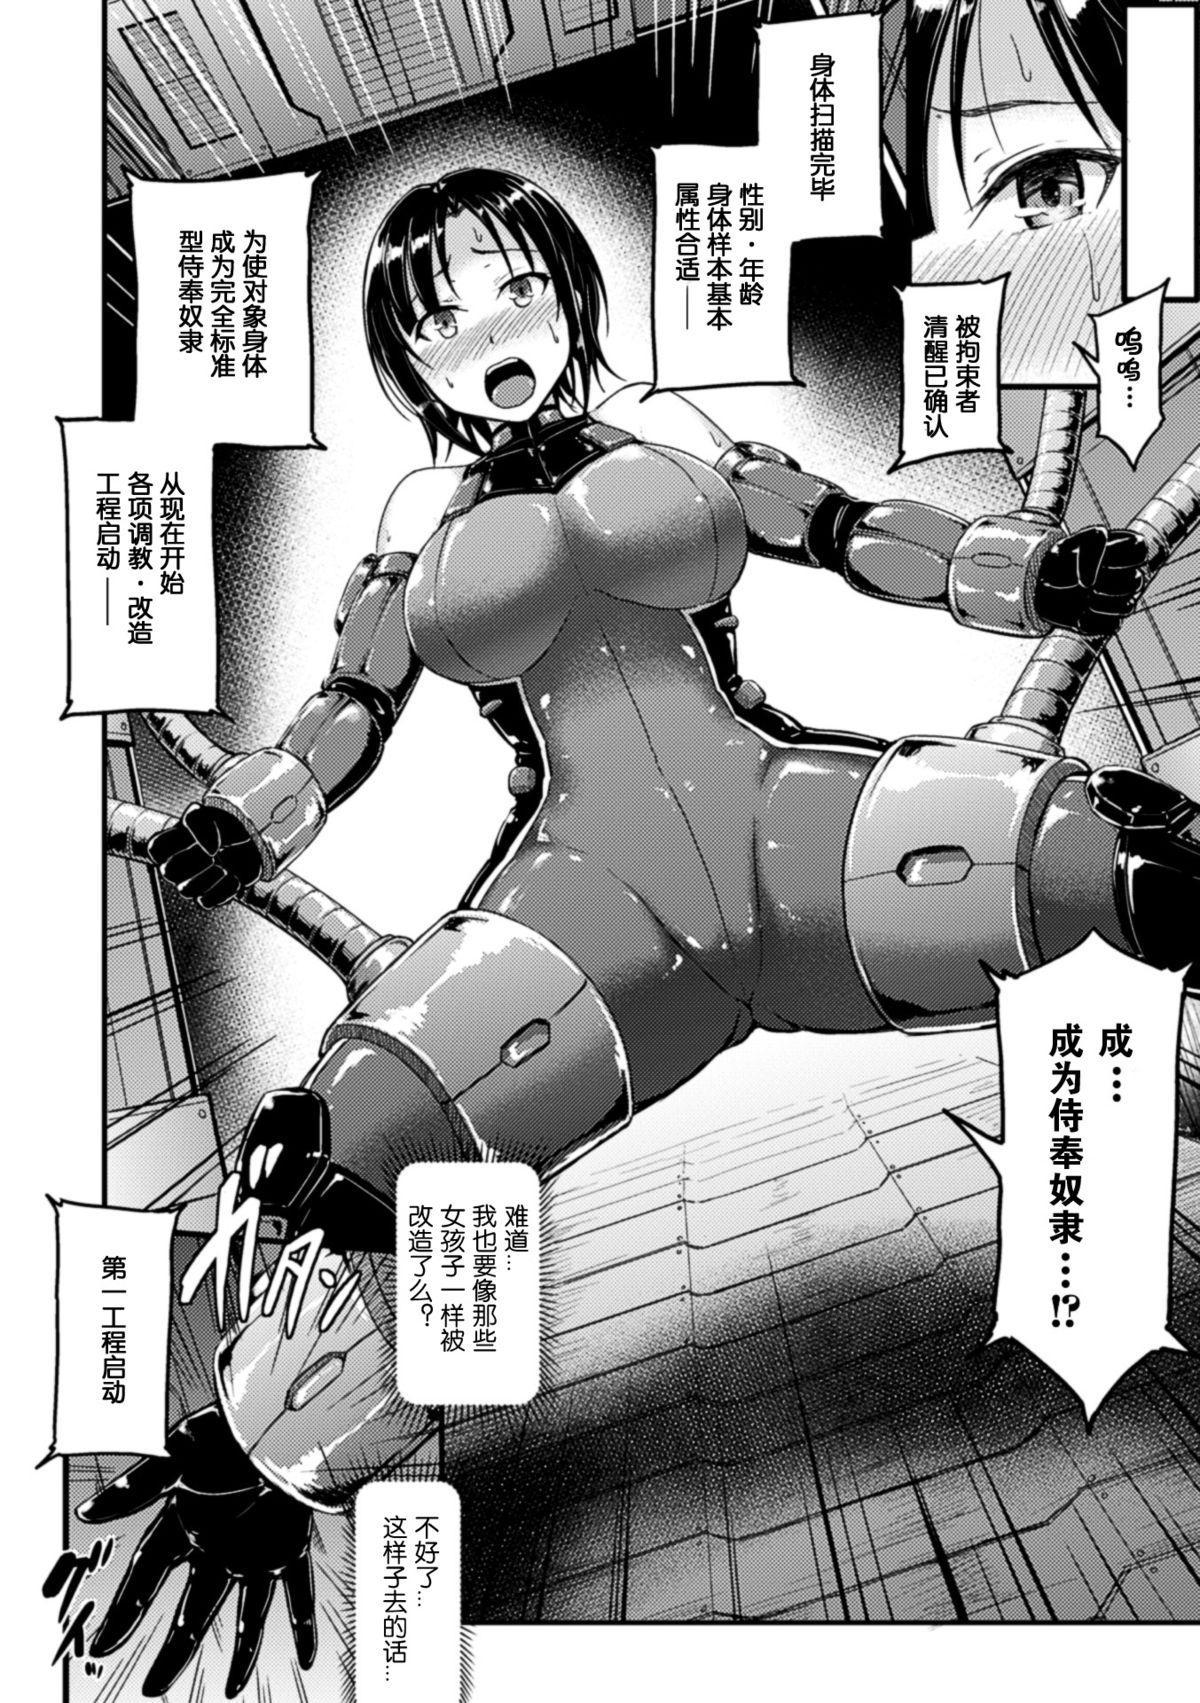 Dorei Kikan - Akumu no Seizou Koujou   The Factory of Nightmares 3